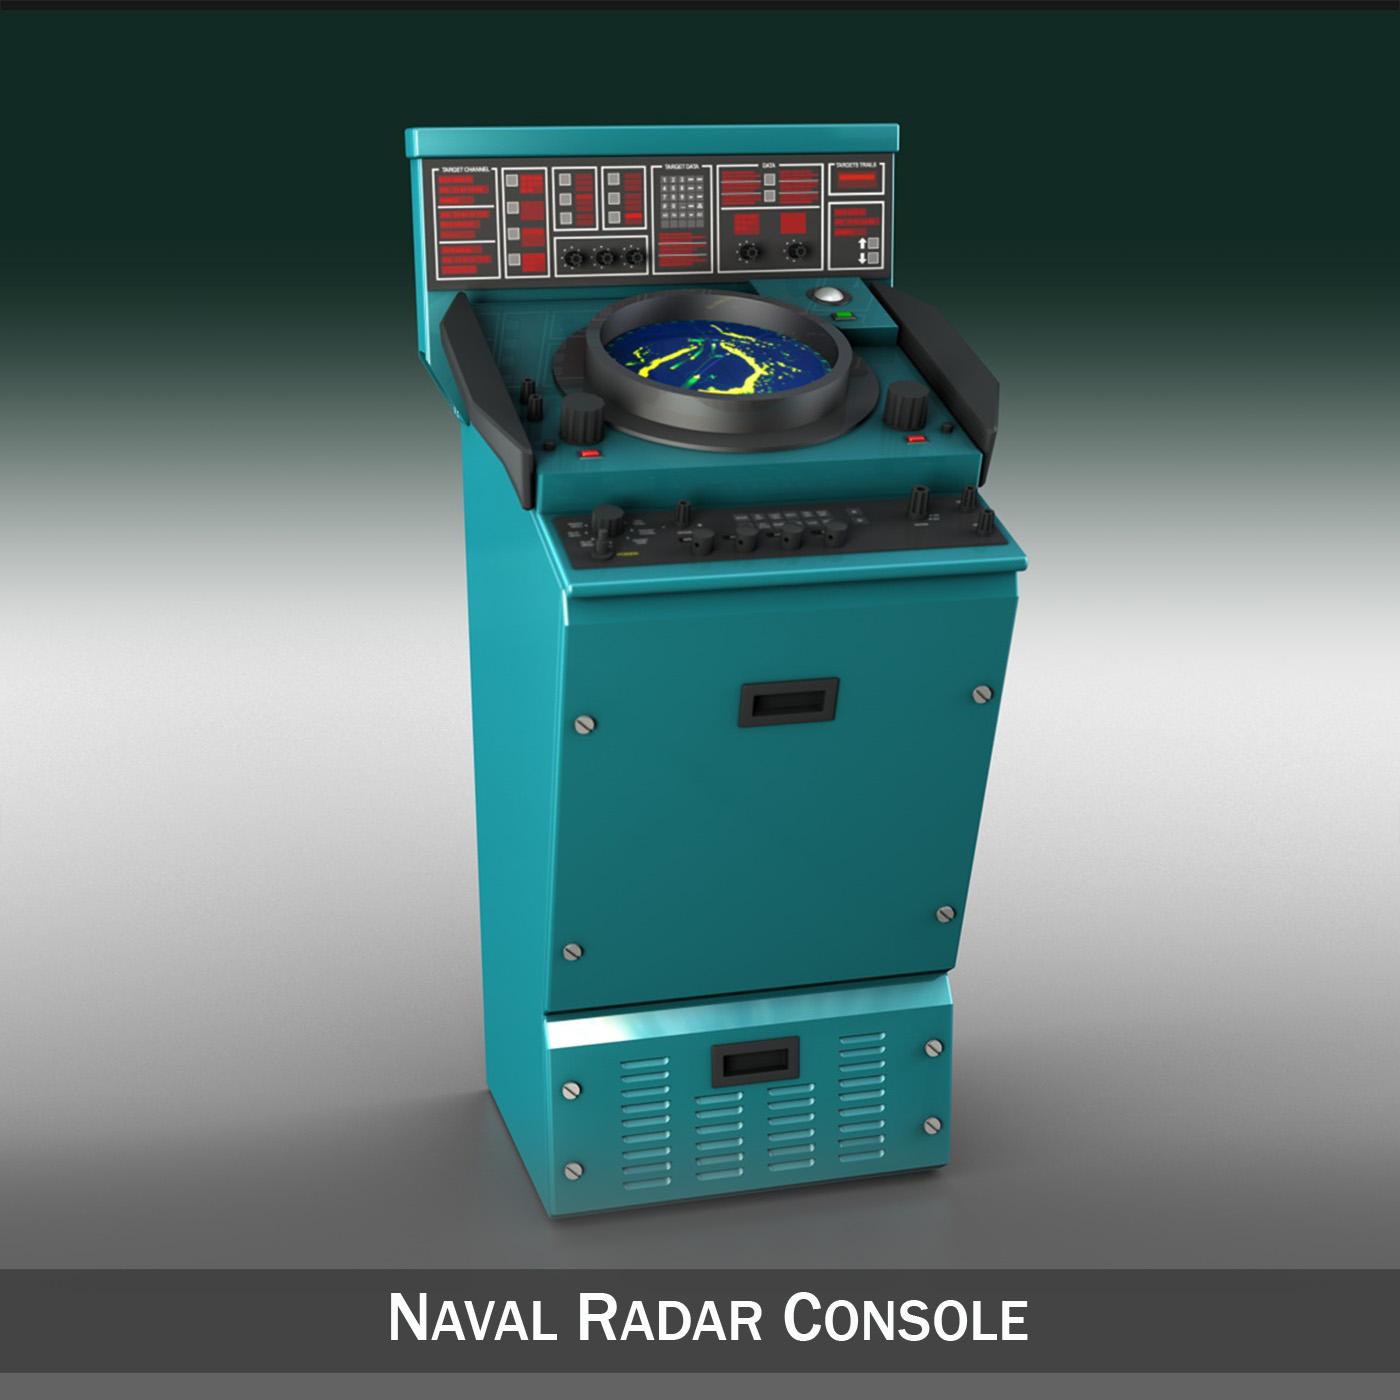 naval radar console 3d model 3ds fbx c4d lwo obj 189430